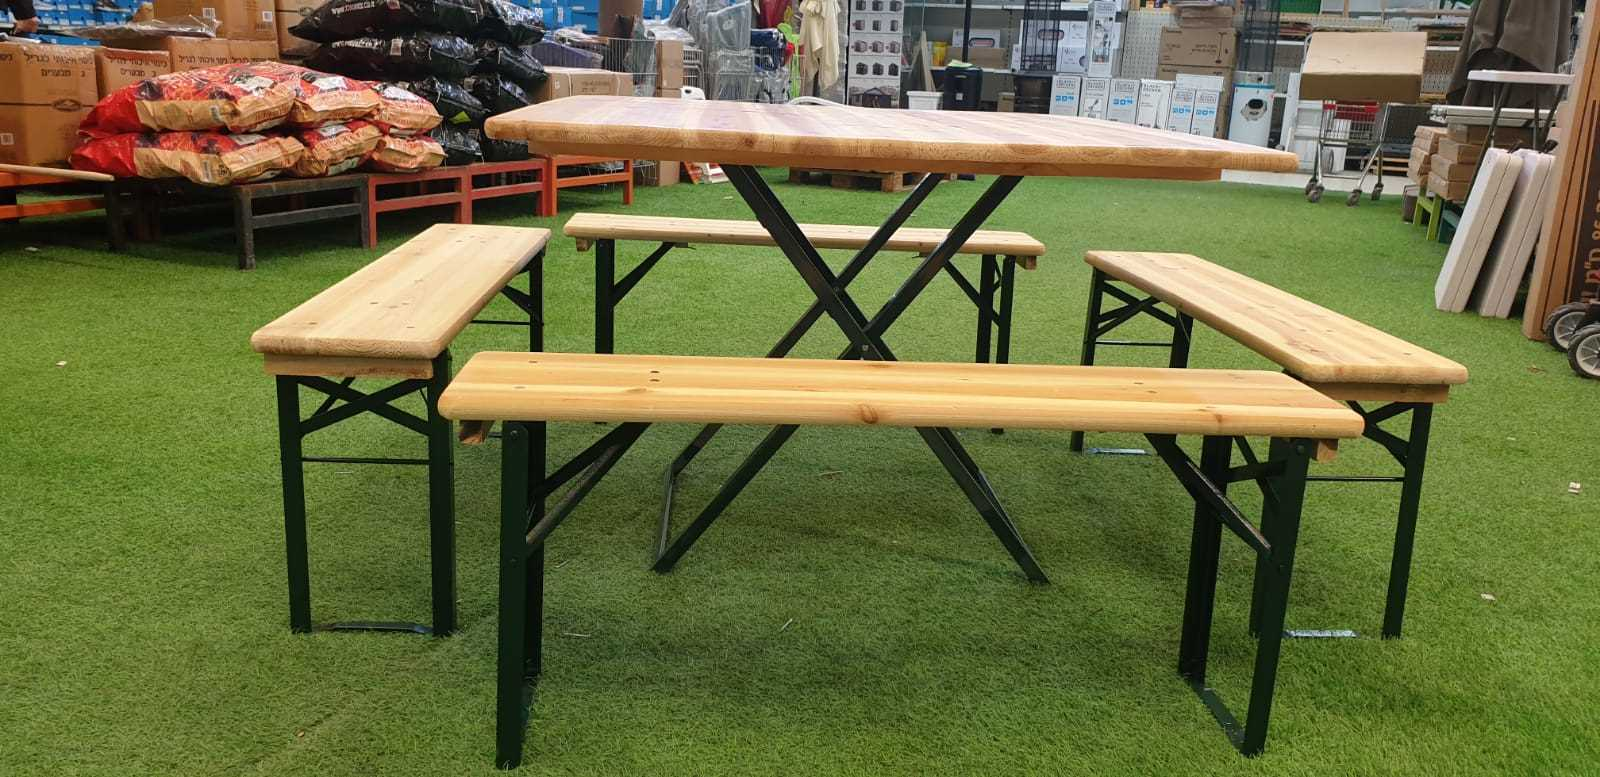 סט מתקפל שולחן עץ/מתכת + 4 ספסלים דגם 498911 - תמונה 2